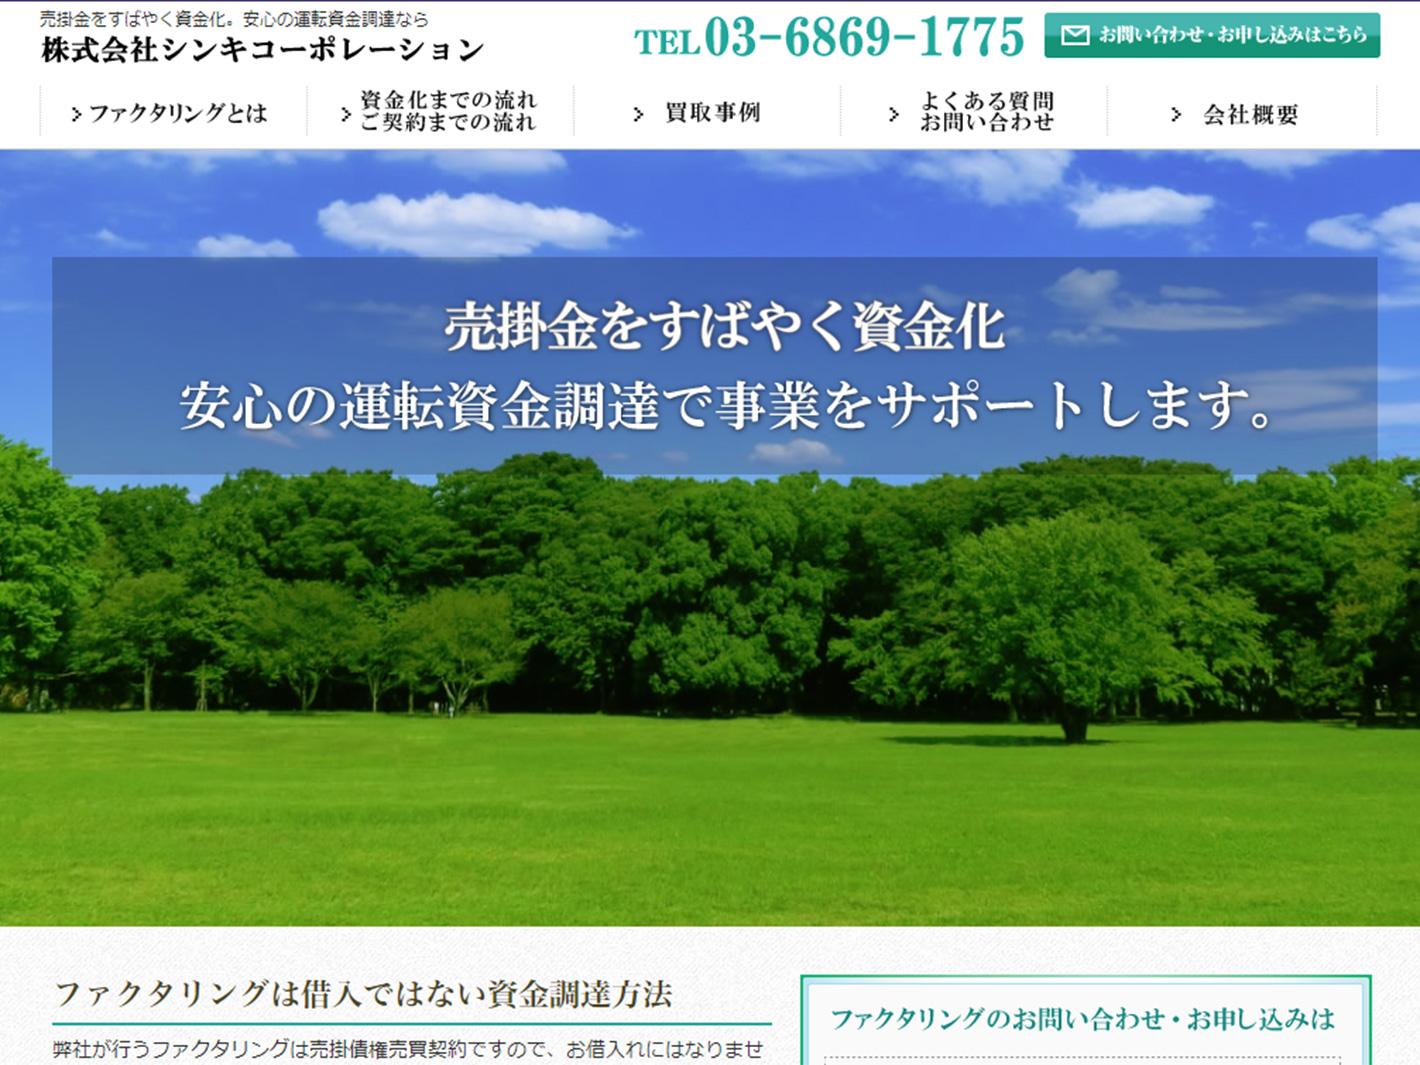 株式会社シンキコーポレーション